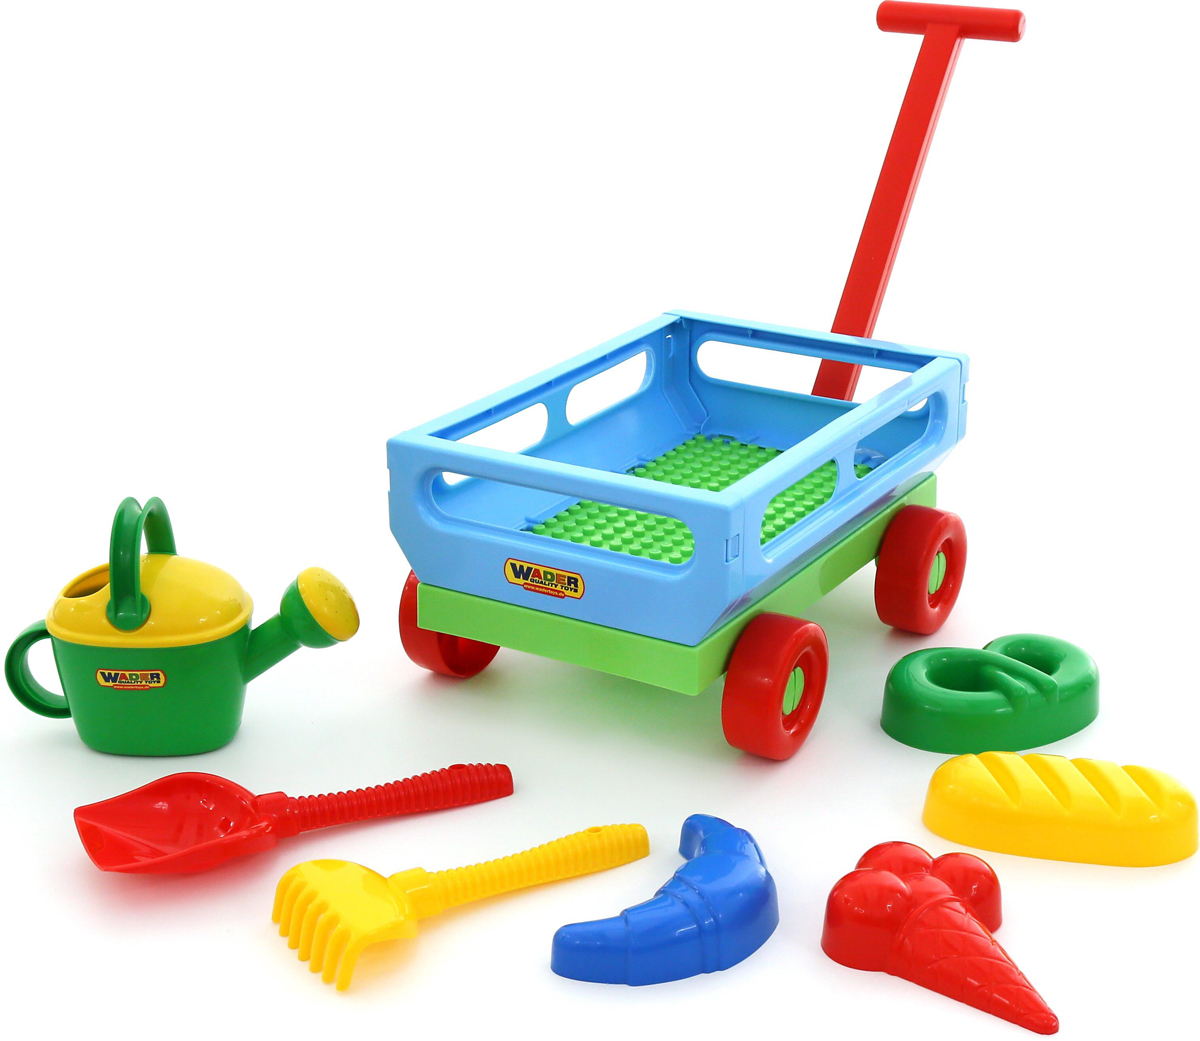 Полесье Набор игрушек для песочницы №484 - Игры на открытом воздухе